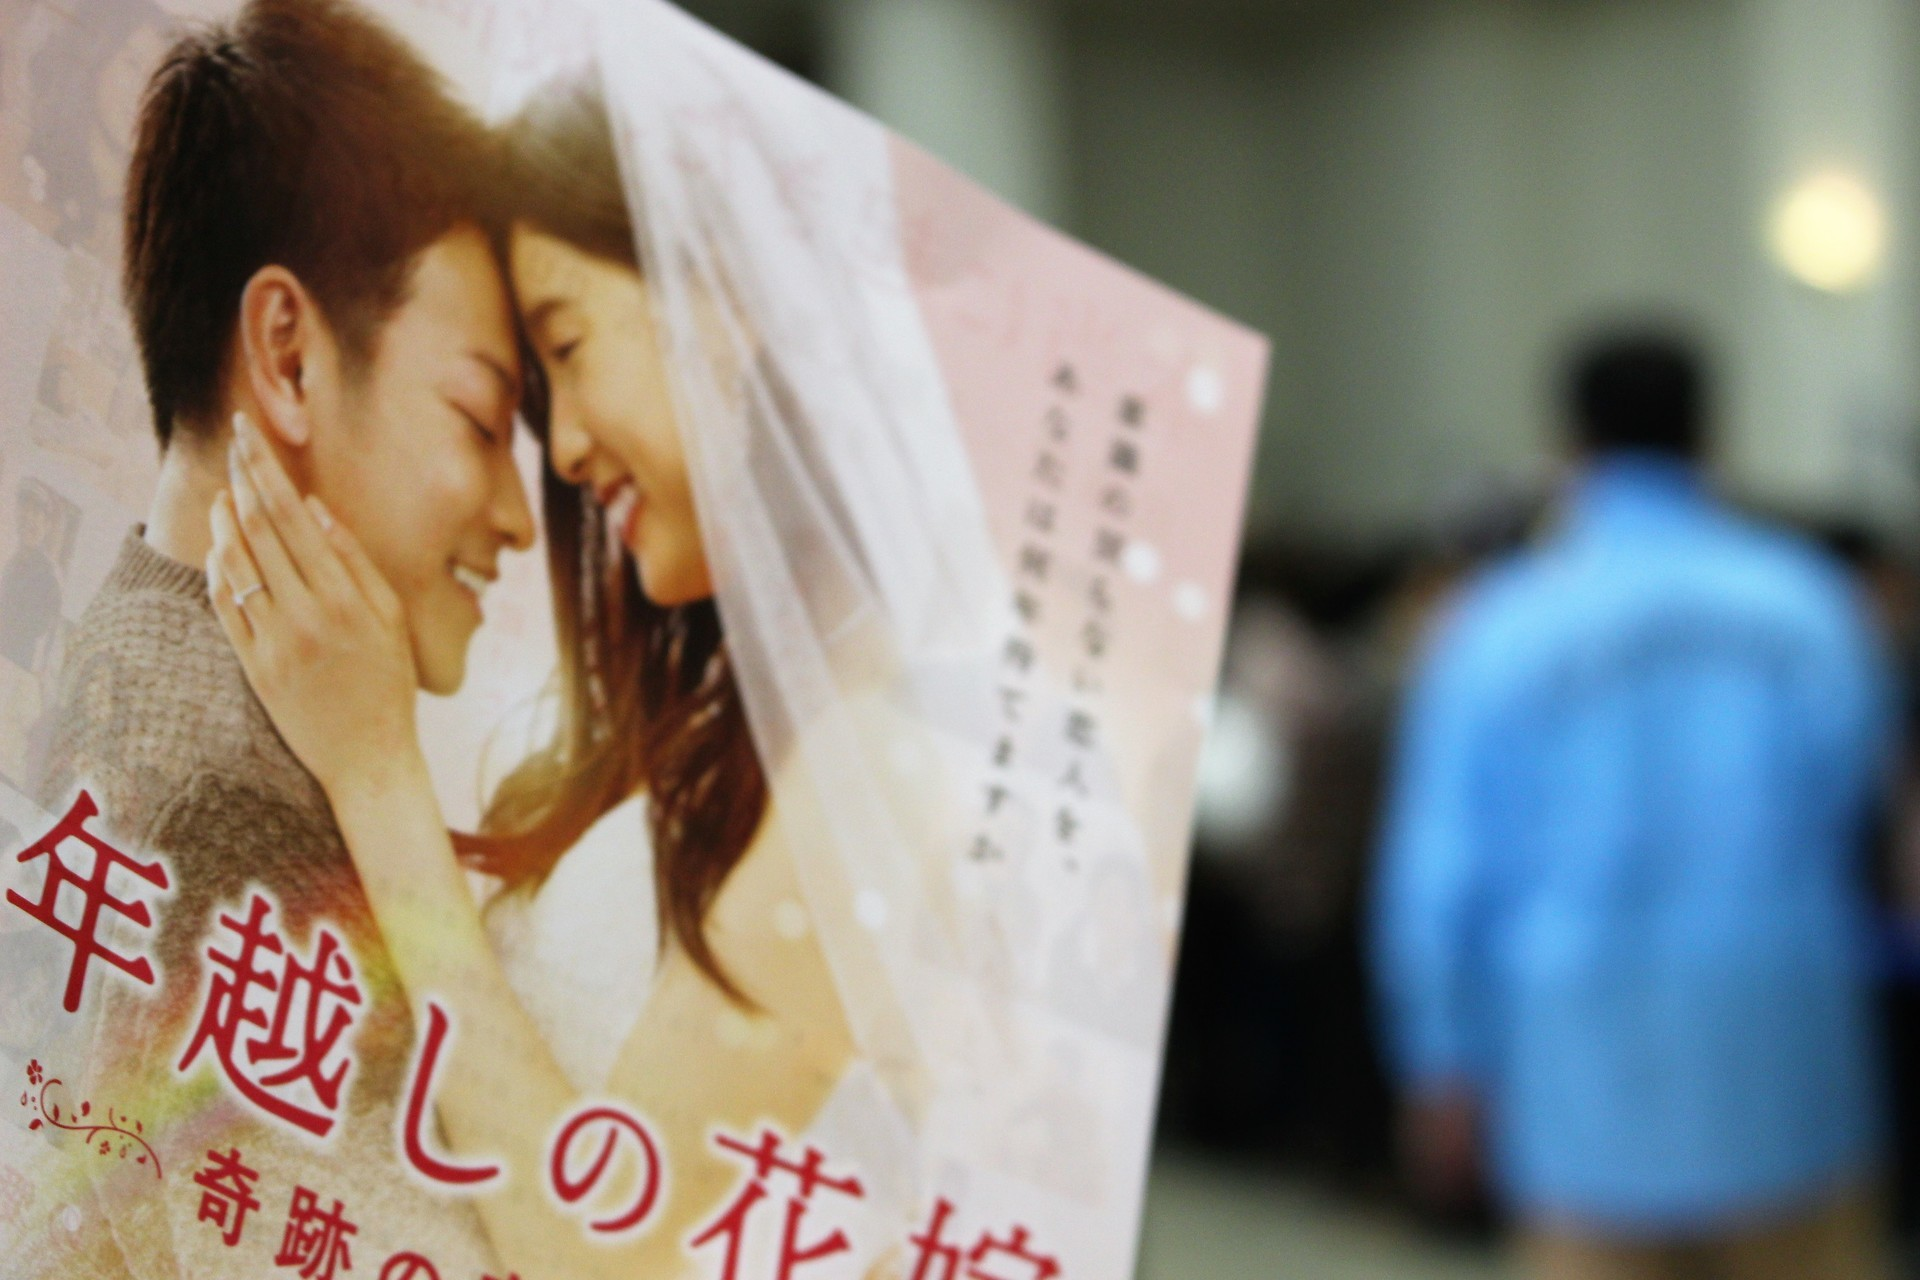 映画 八 地 の 花嫁 年越し ロケ